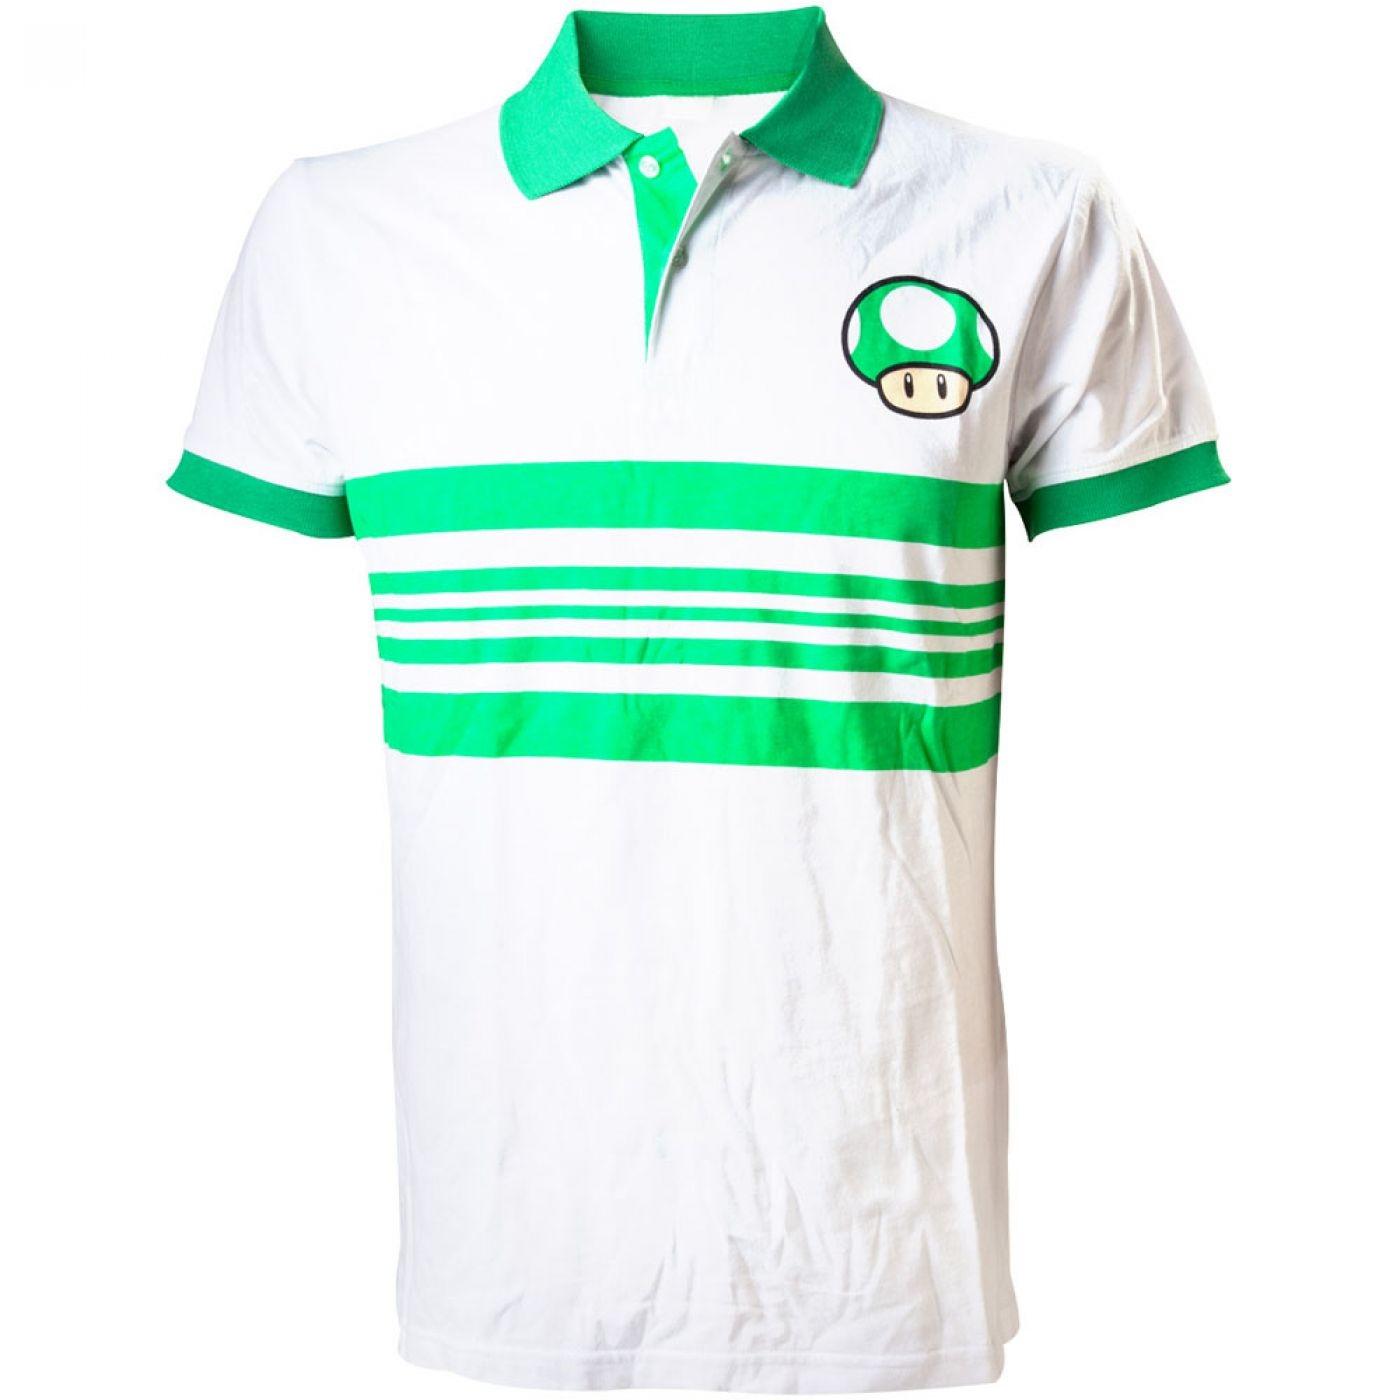 Nintendo Super Mario Bros polo shirt - Green Mushroom tshirt